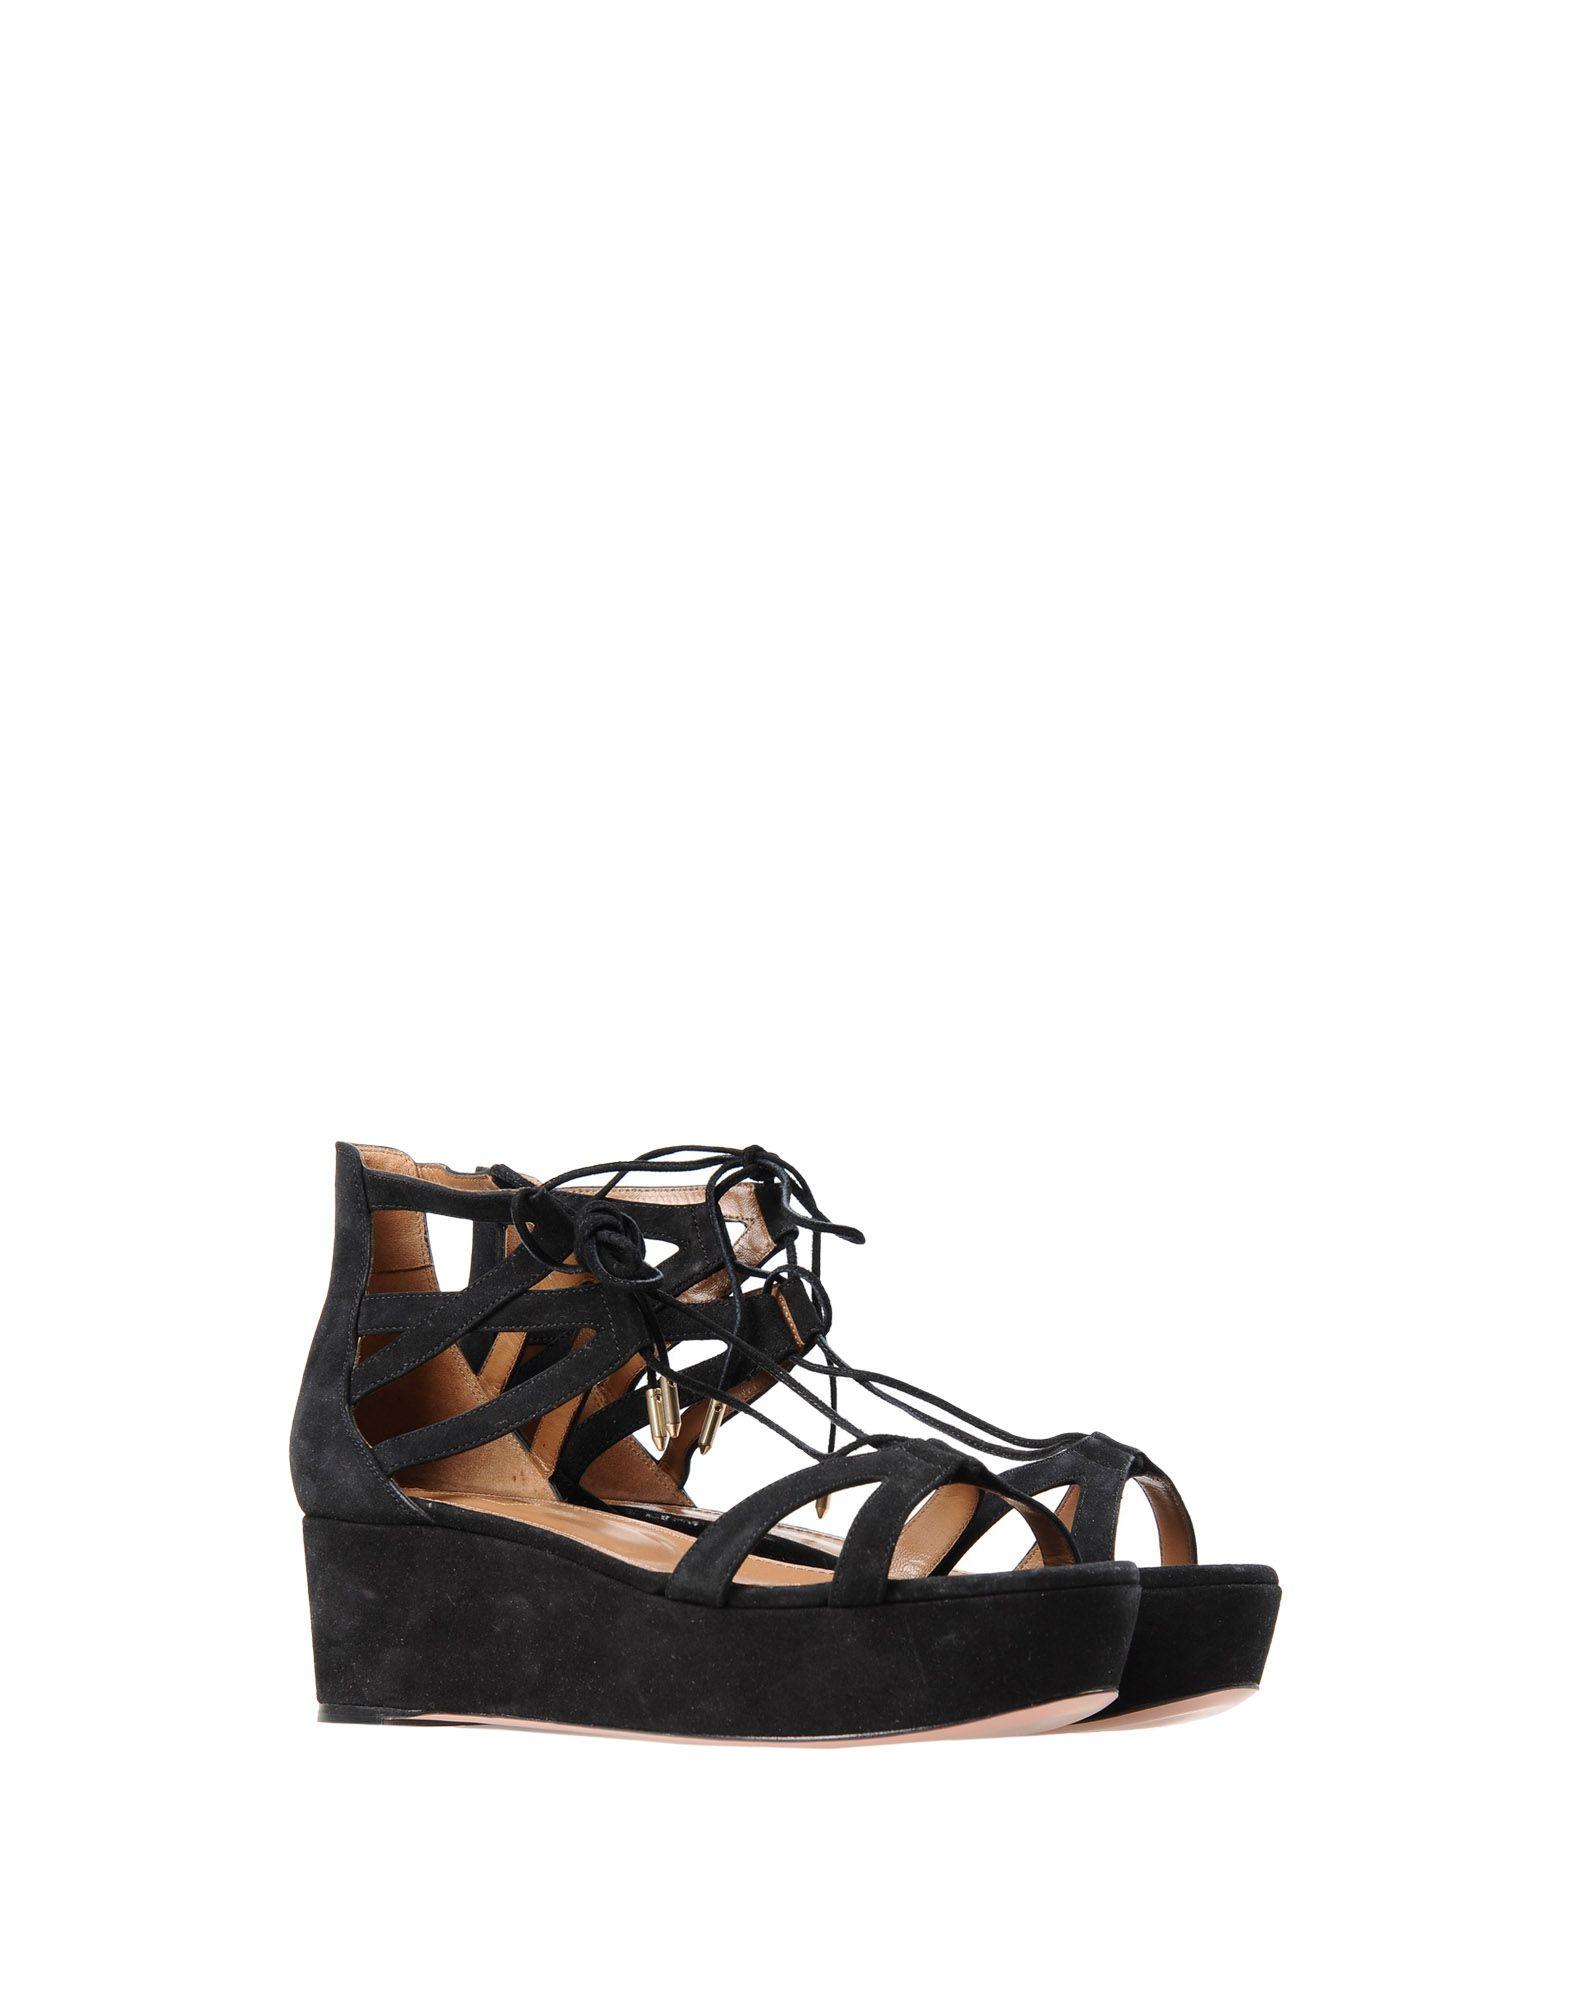 Aquazzura Sandals - Women Aquazzura Sandals Sandals Sandals online on  United Kingdom - 11328936KD 8afda2